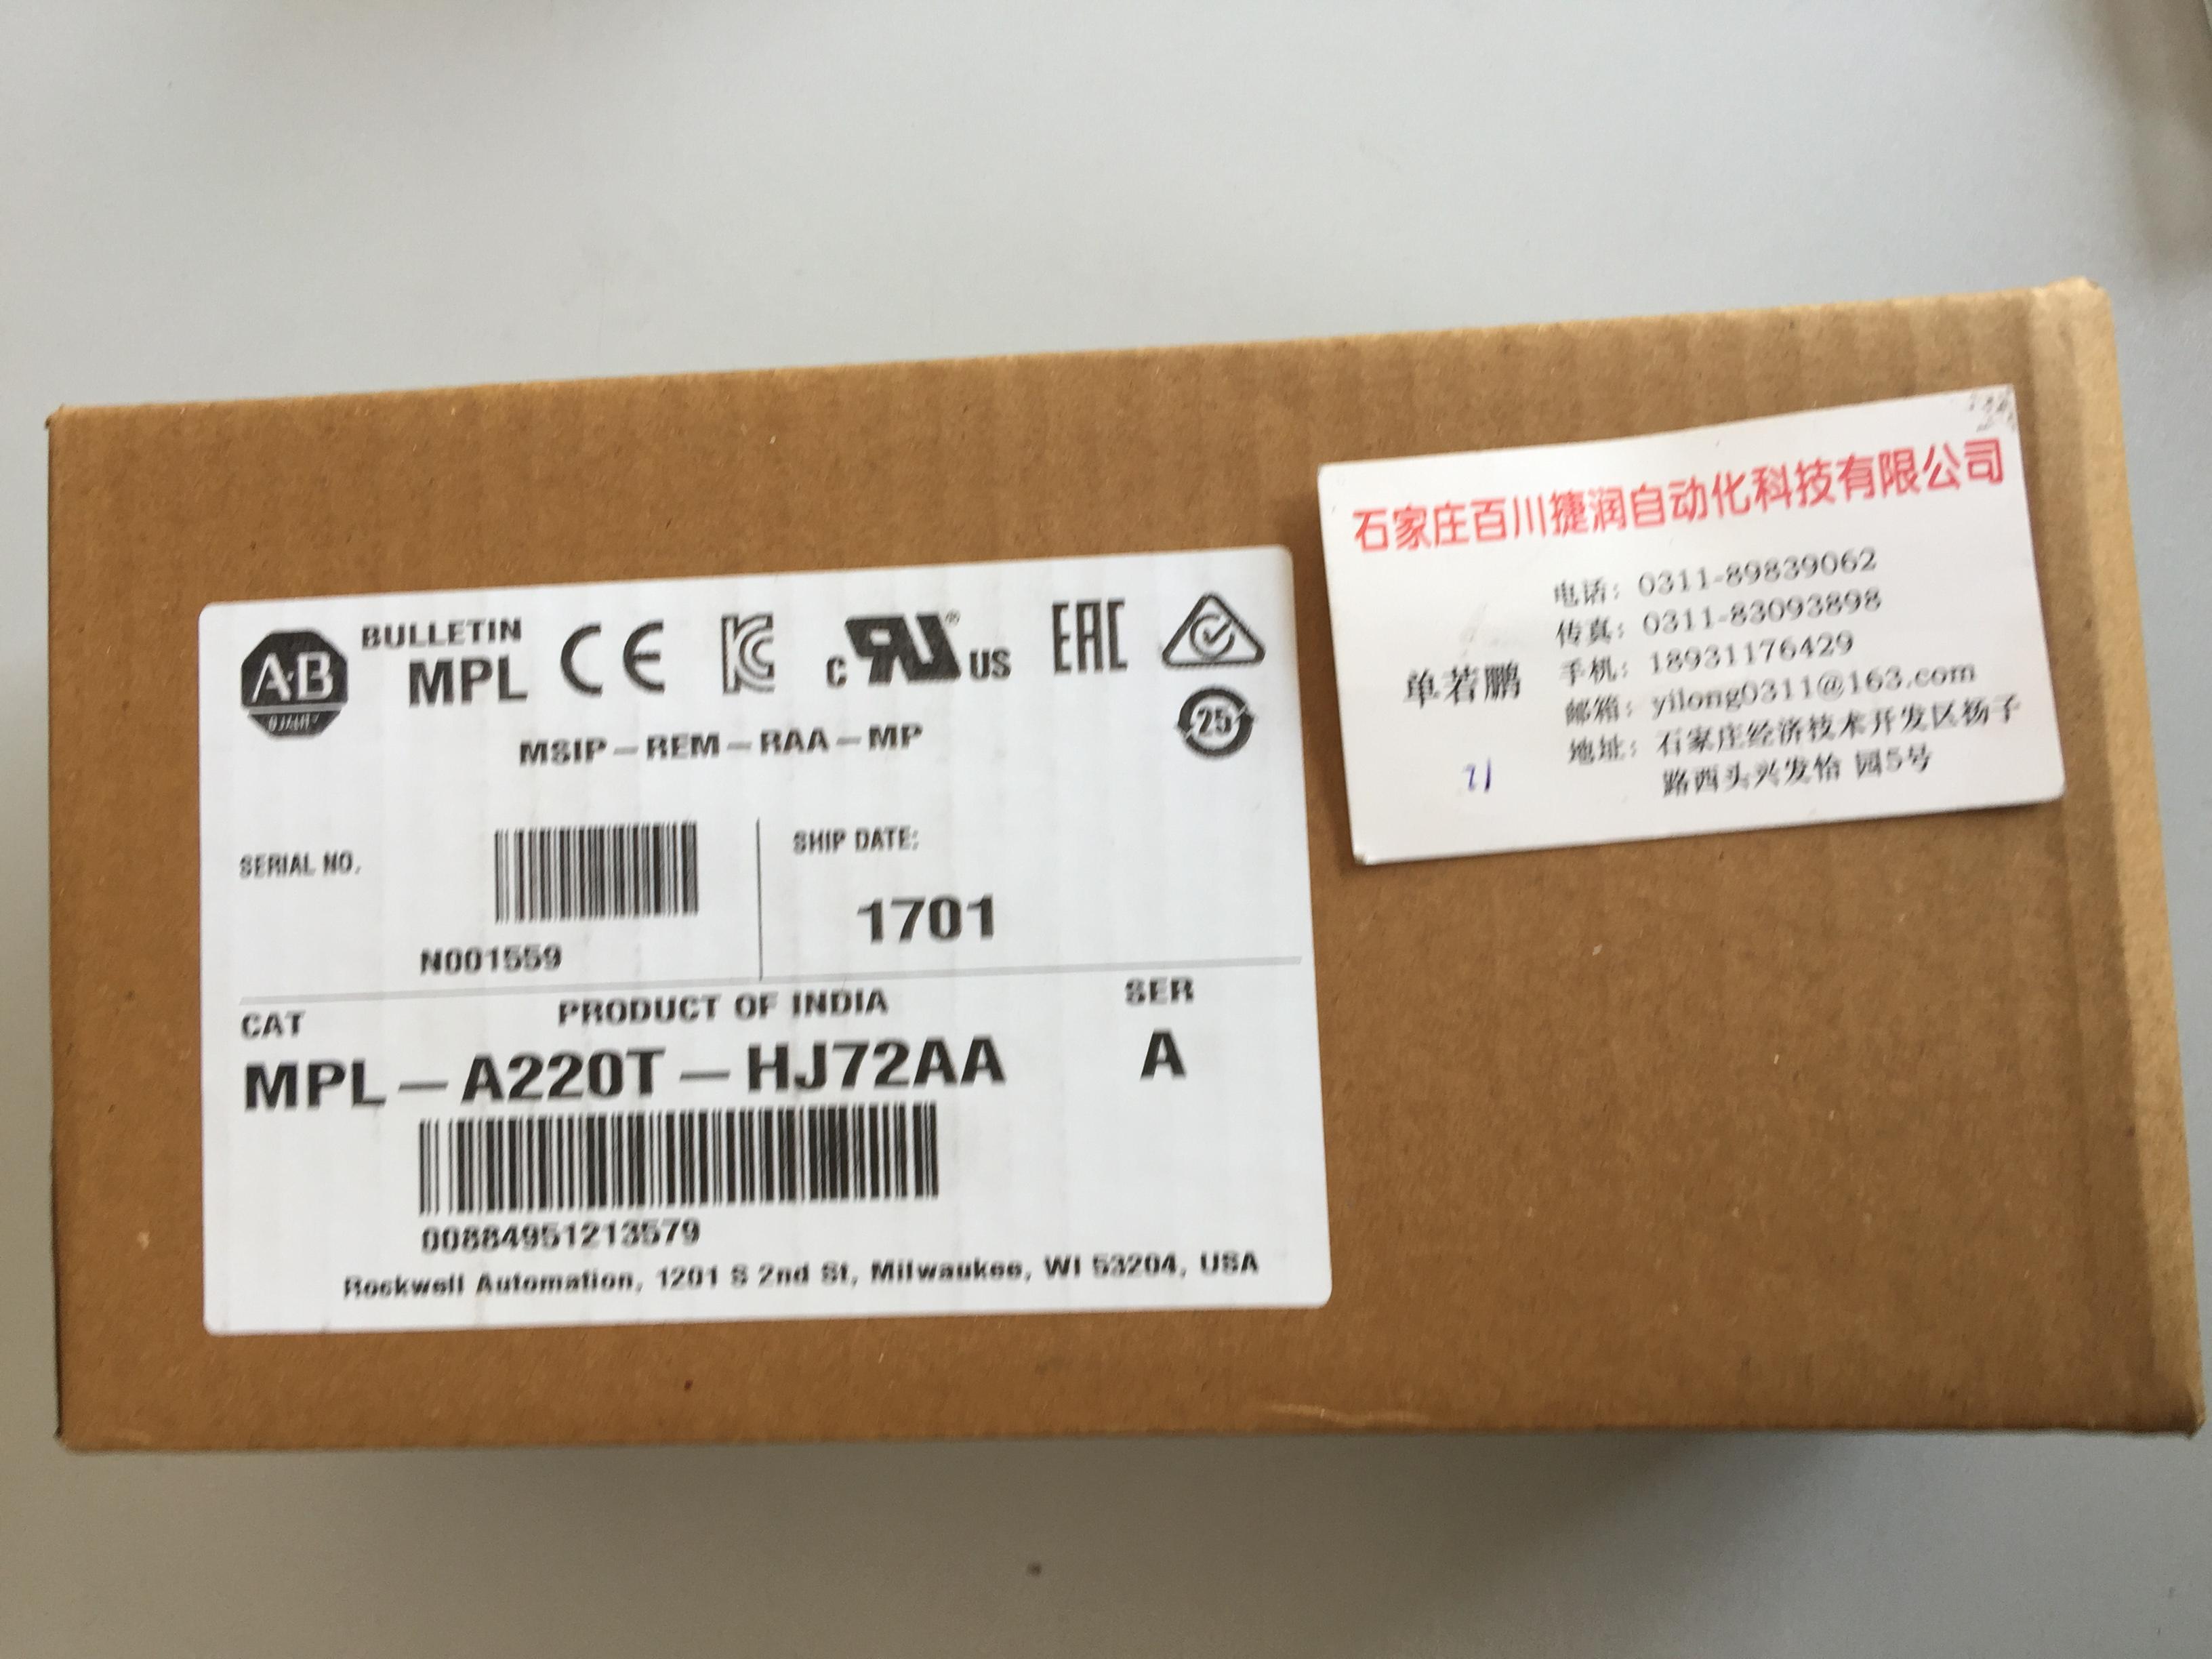 数字量模板IC693MDL646【美国GE】/安全指标